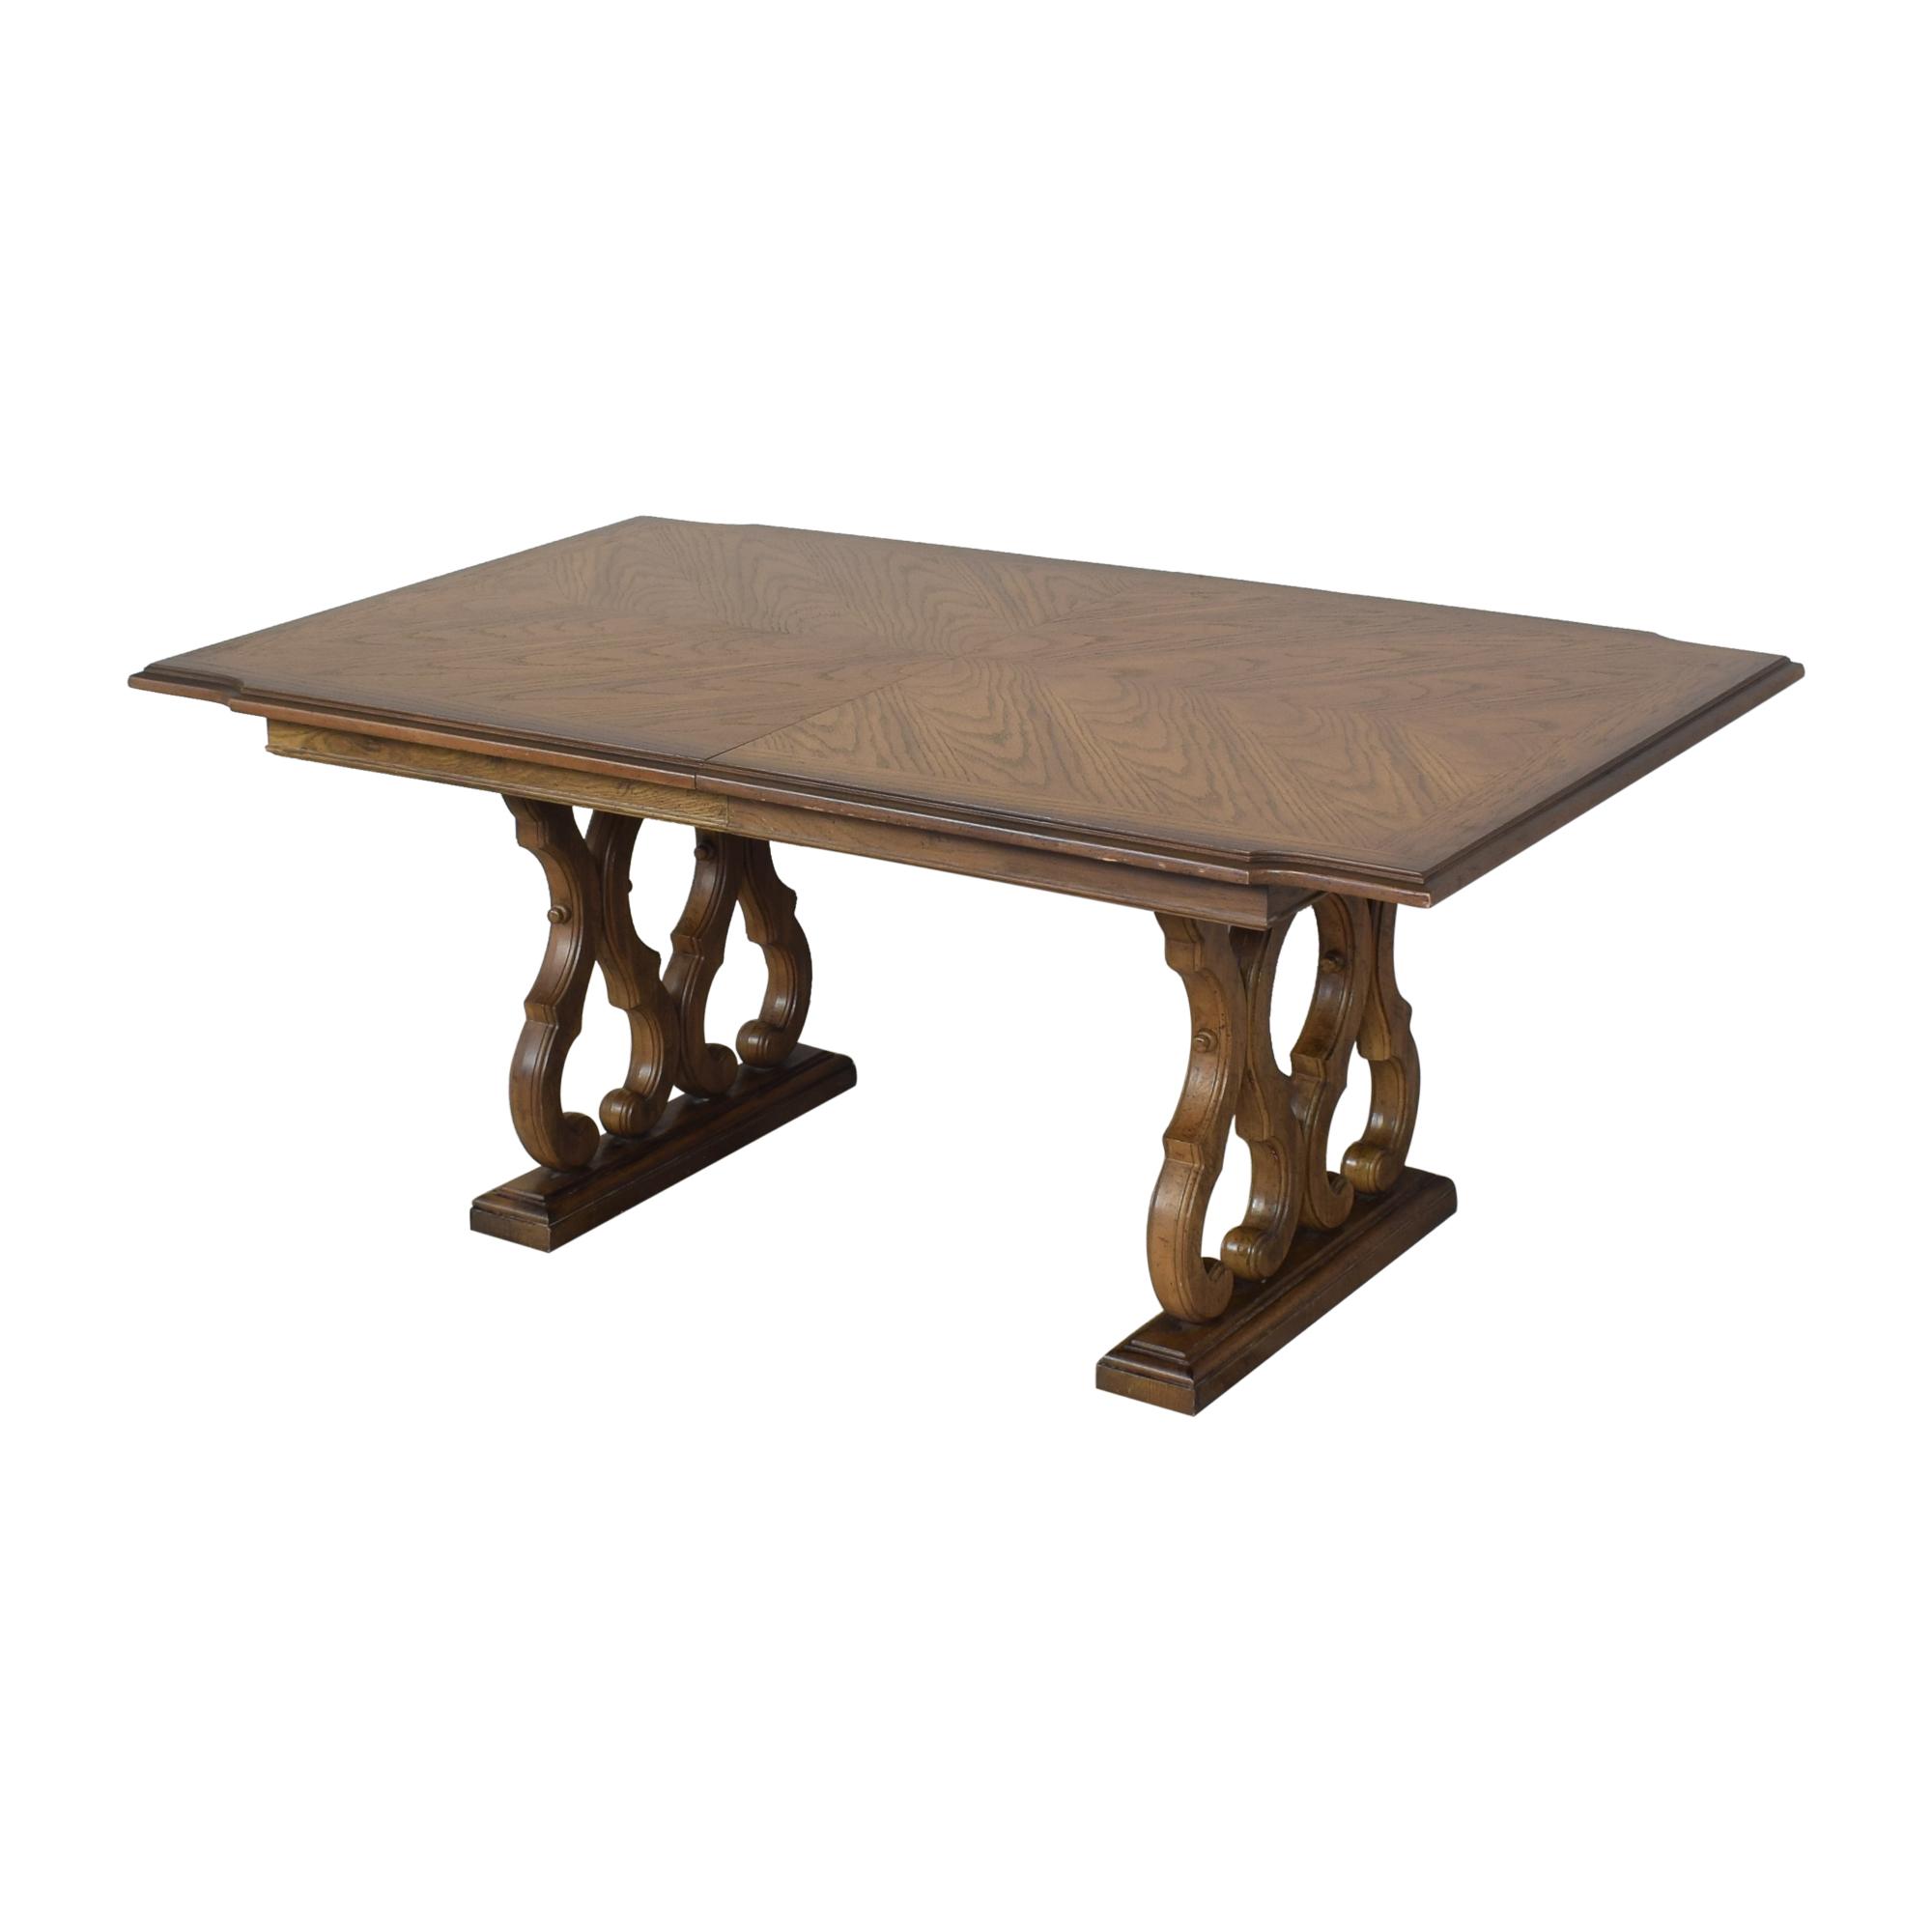 Huffman Koos Huffman Koos Two Pedestal Extending Dining Table used